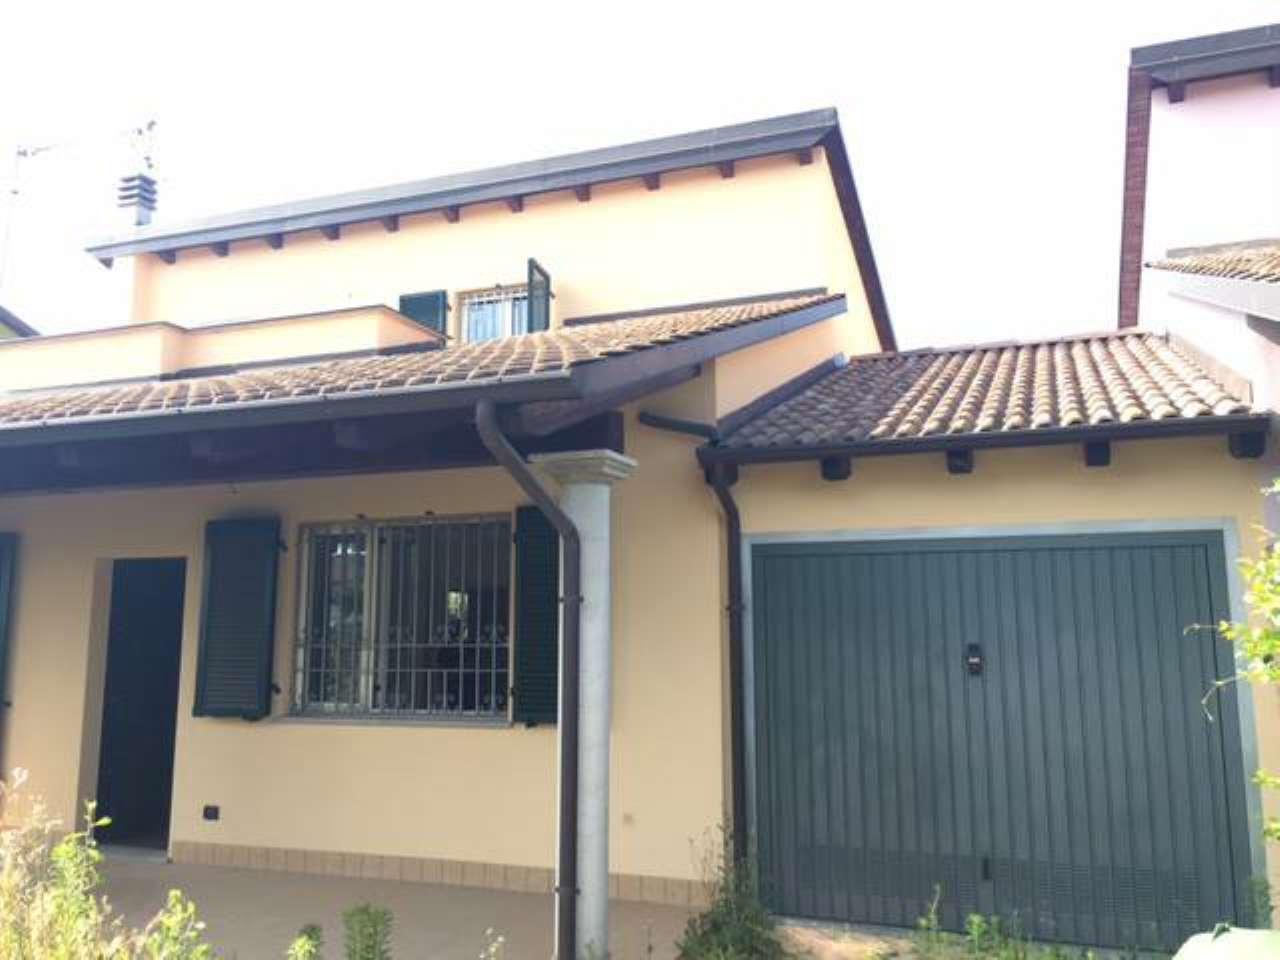 Villa a Schiera in vendita a Castellazzo Bormida, 3 locali, prezzo € 175.000 | CambioCasa.it